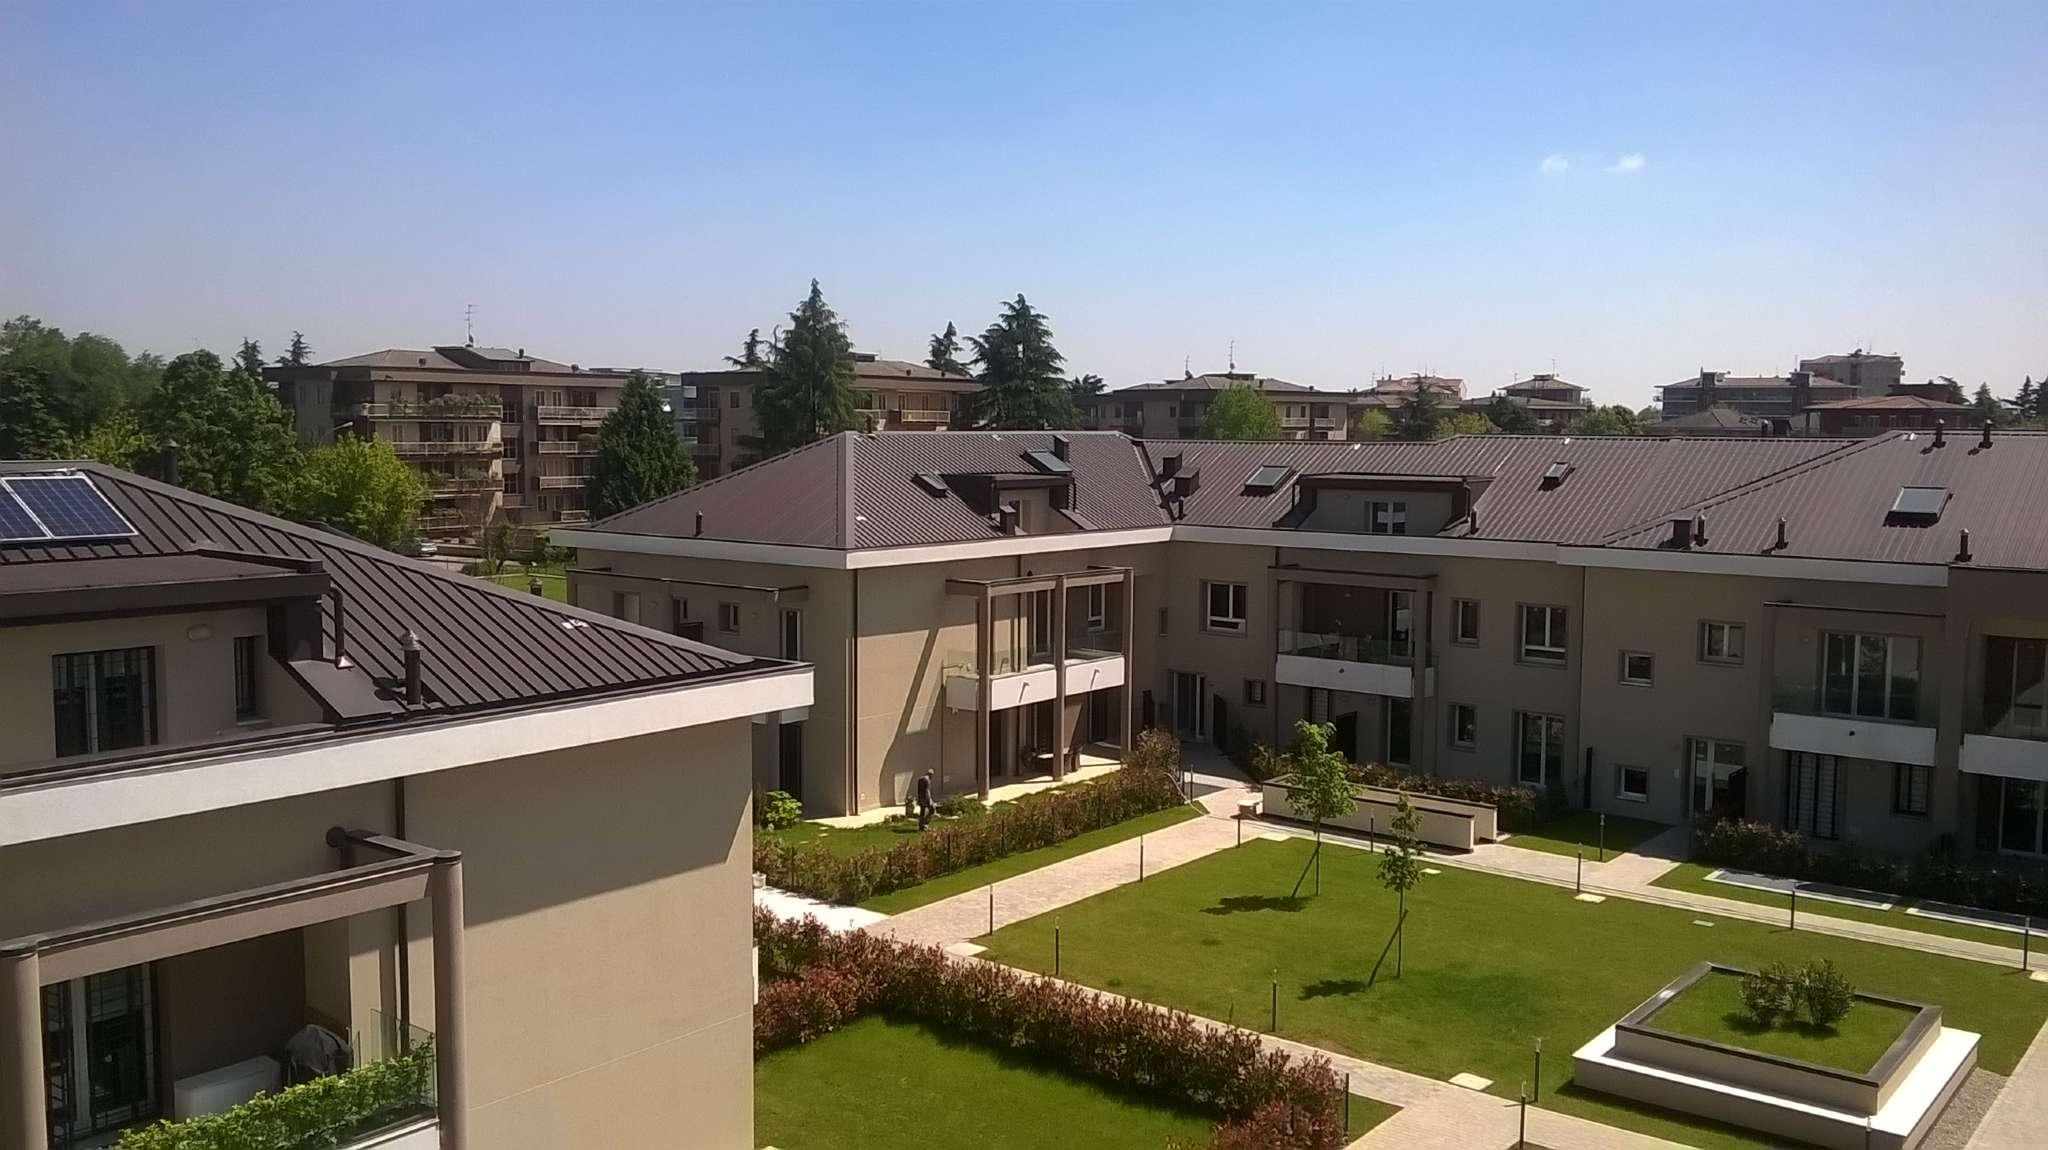 Appartamento in vendita a Cassina de' Pecchi, 4 locali, prezzo € 398.000 | CambioCasa.it